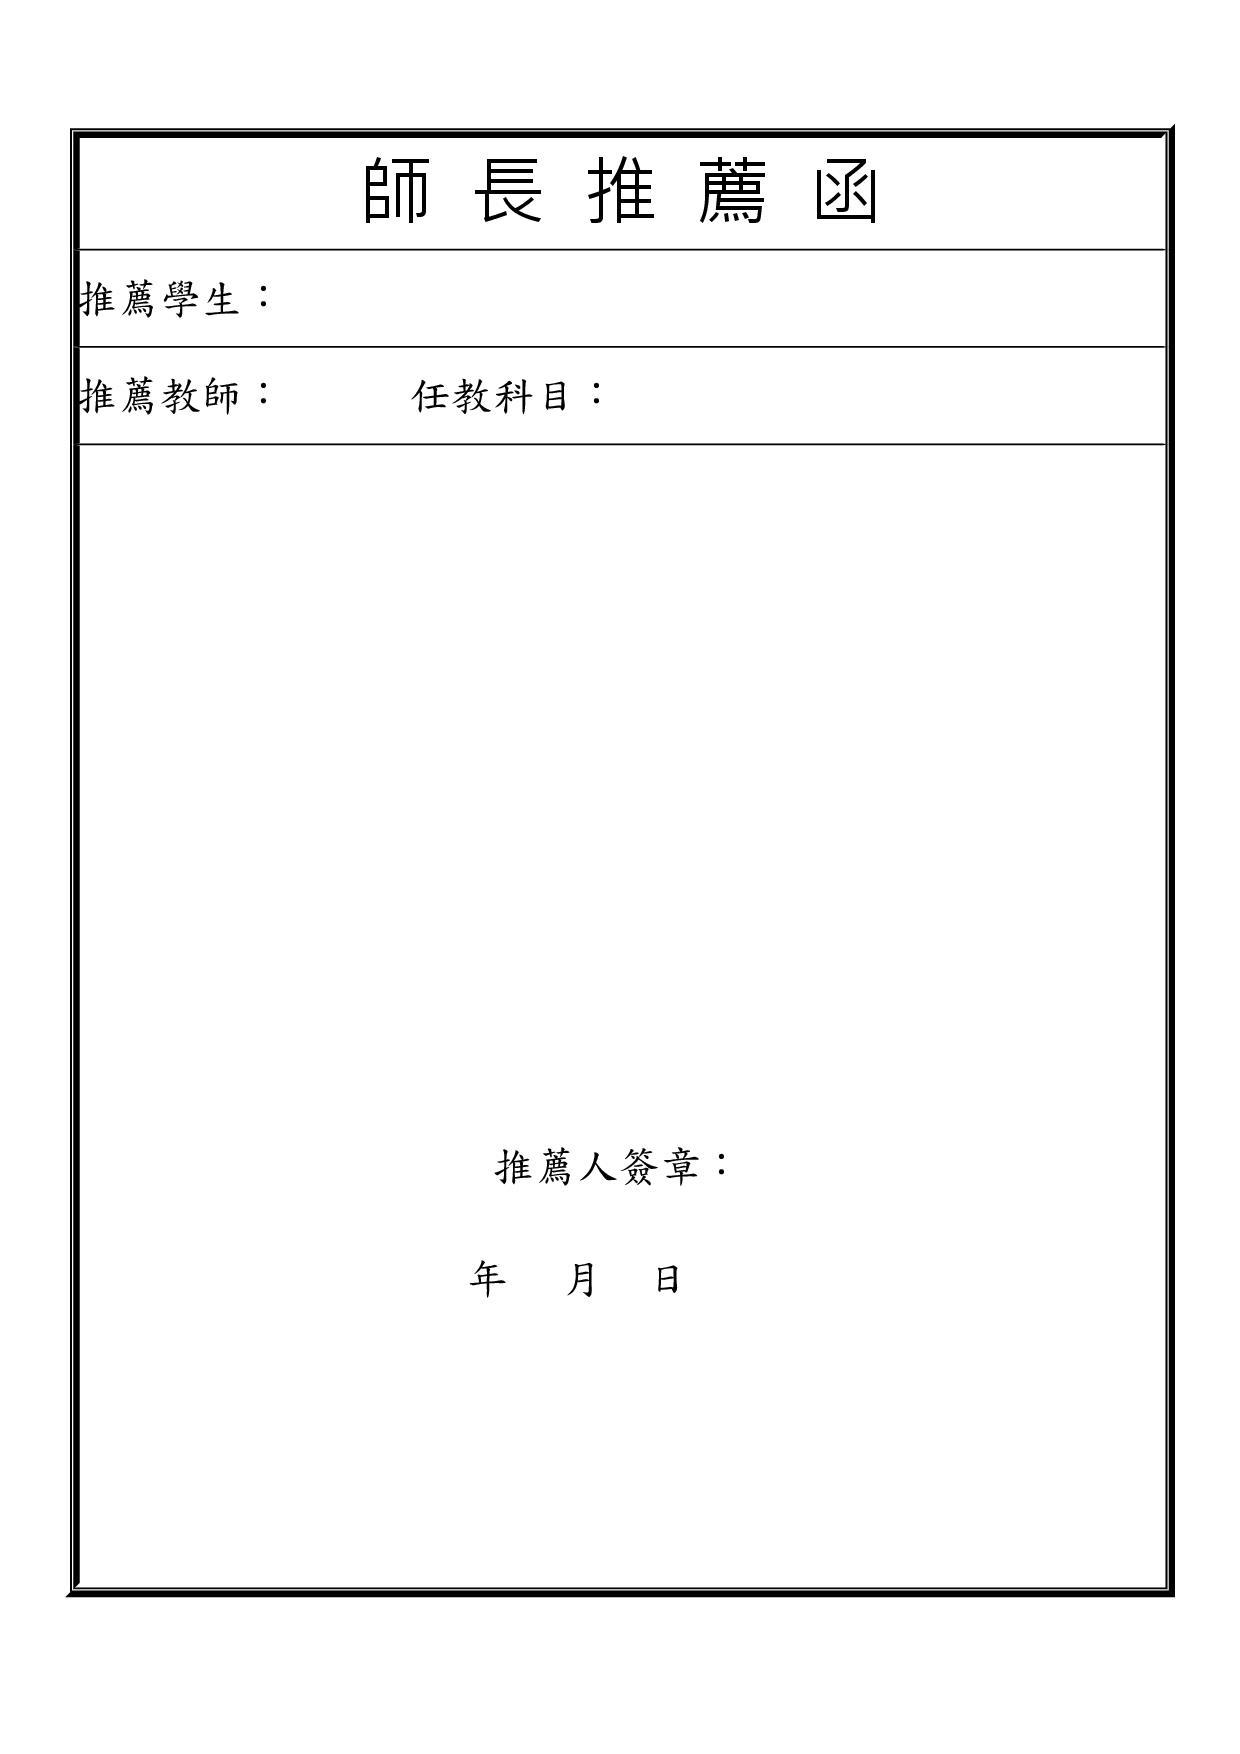 3-108學年度師長推薦信格式範本